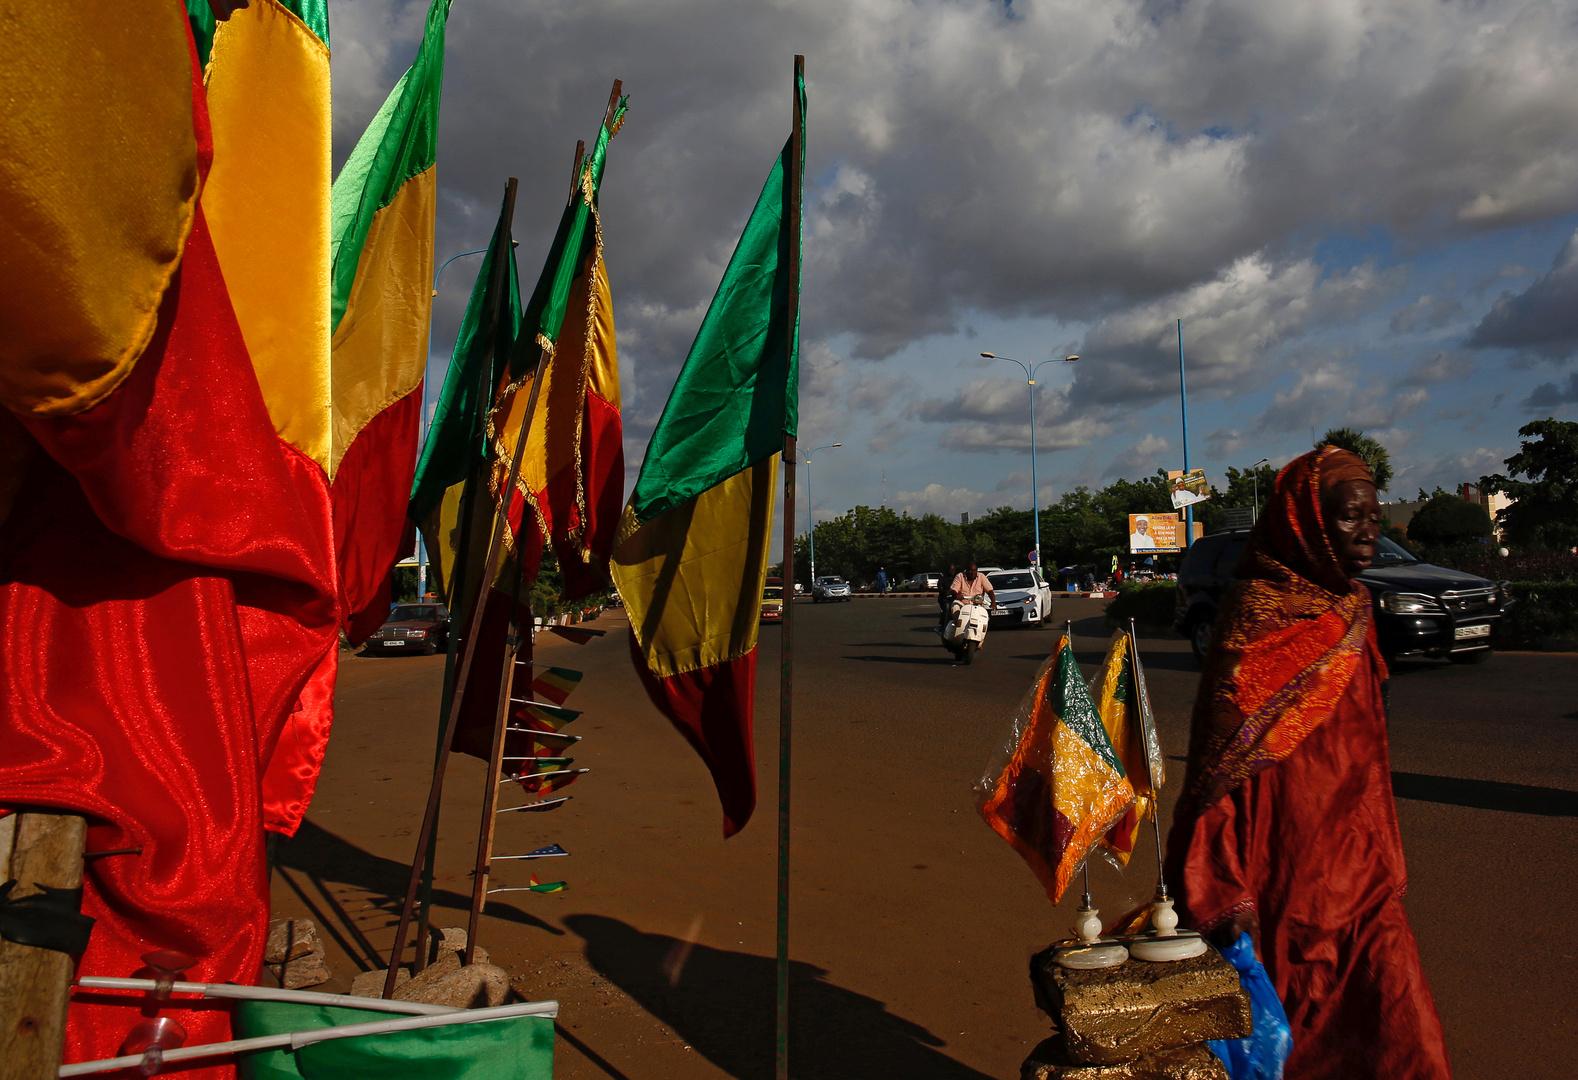 مصادر استخباراتية: حكومة مالي الجديدة ساعدت في إطلاق سراح الرهائن الغربيين